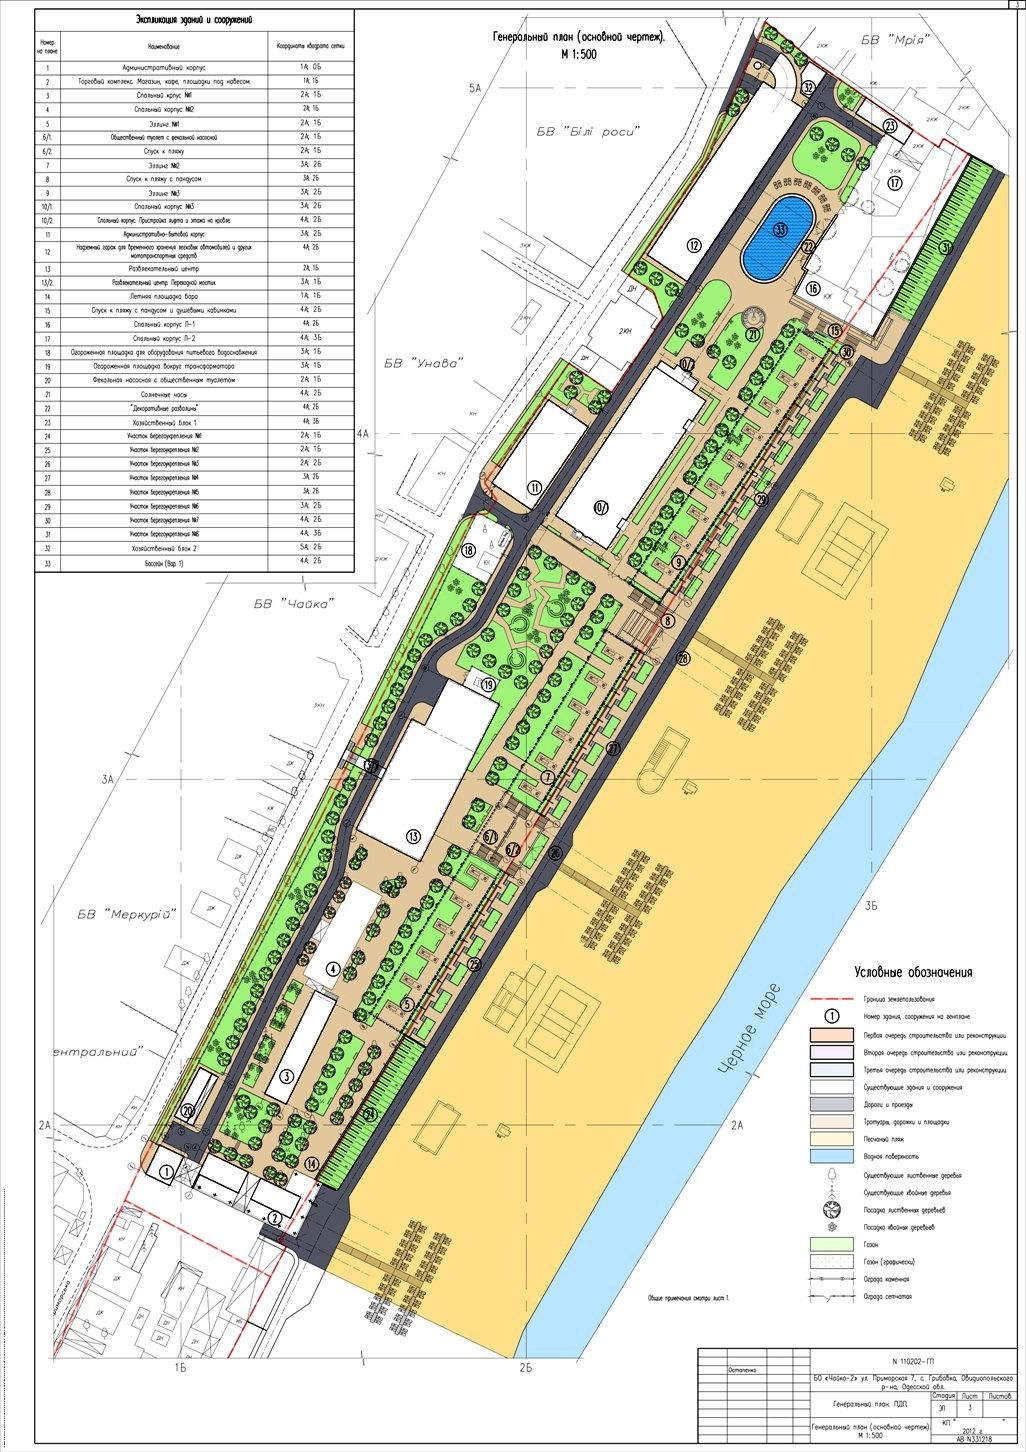 Генеральный план базы отдыха на берегу Черного моря.